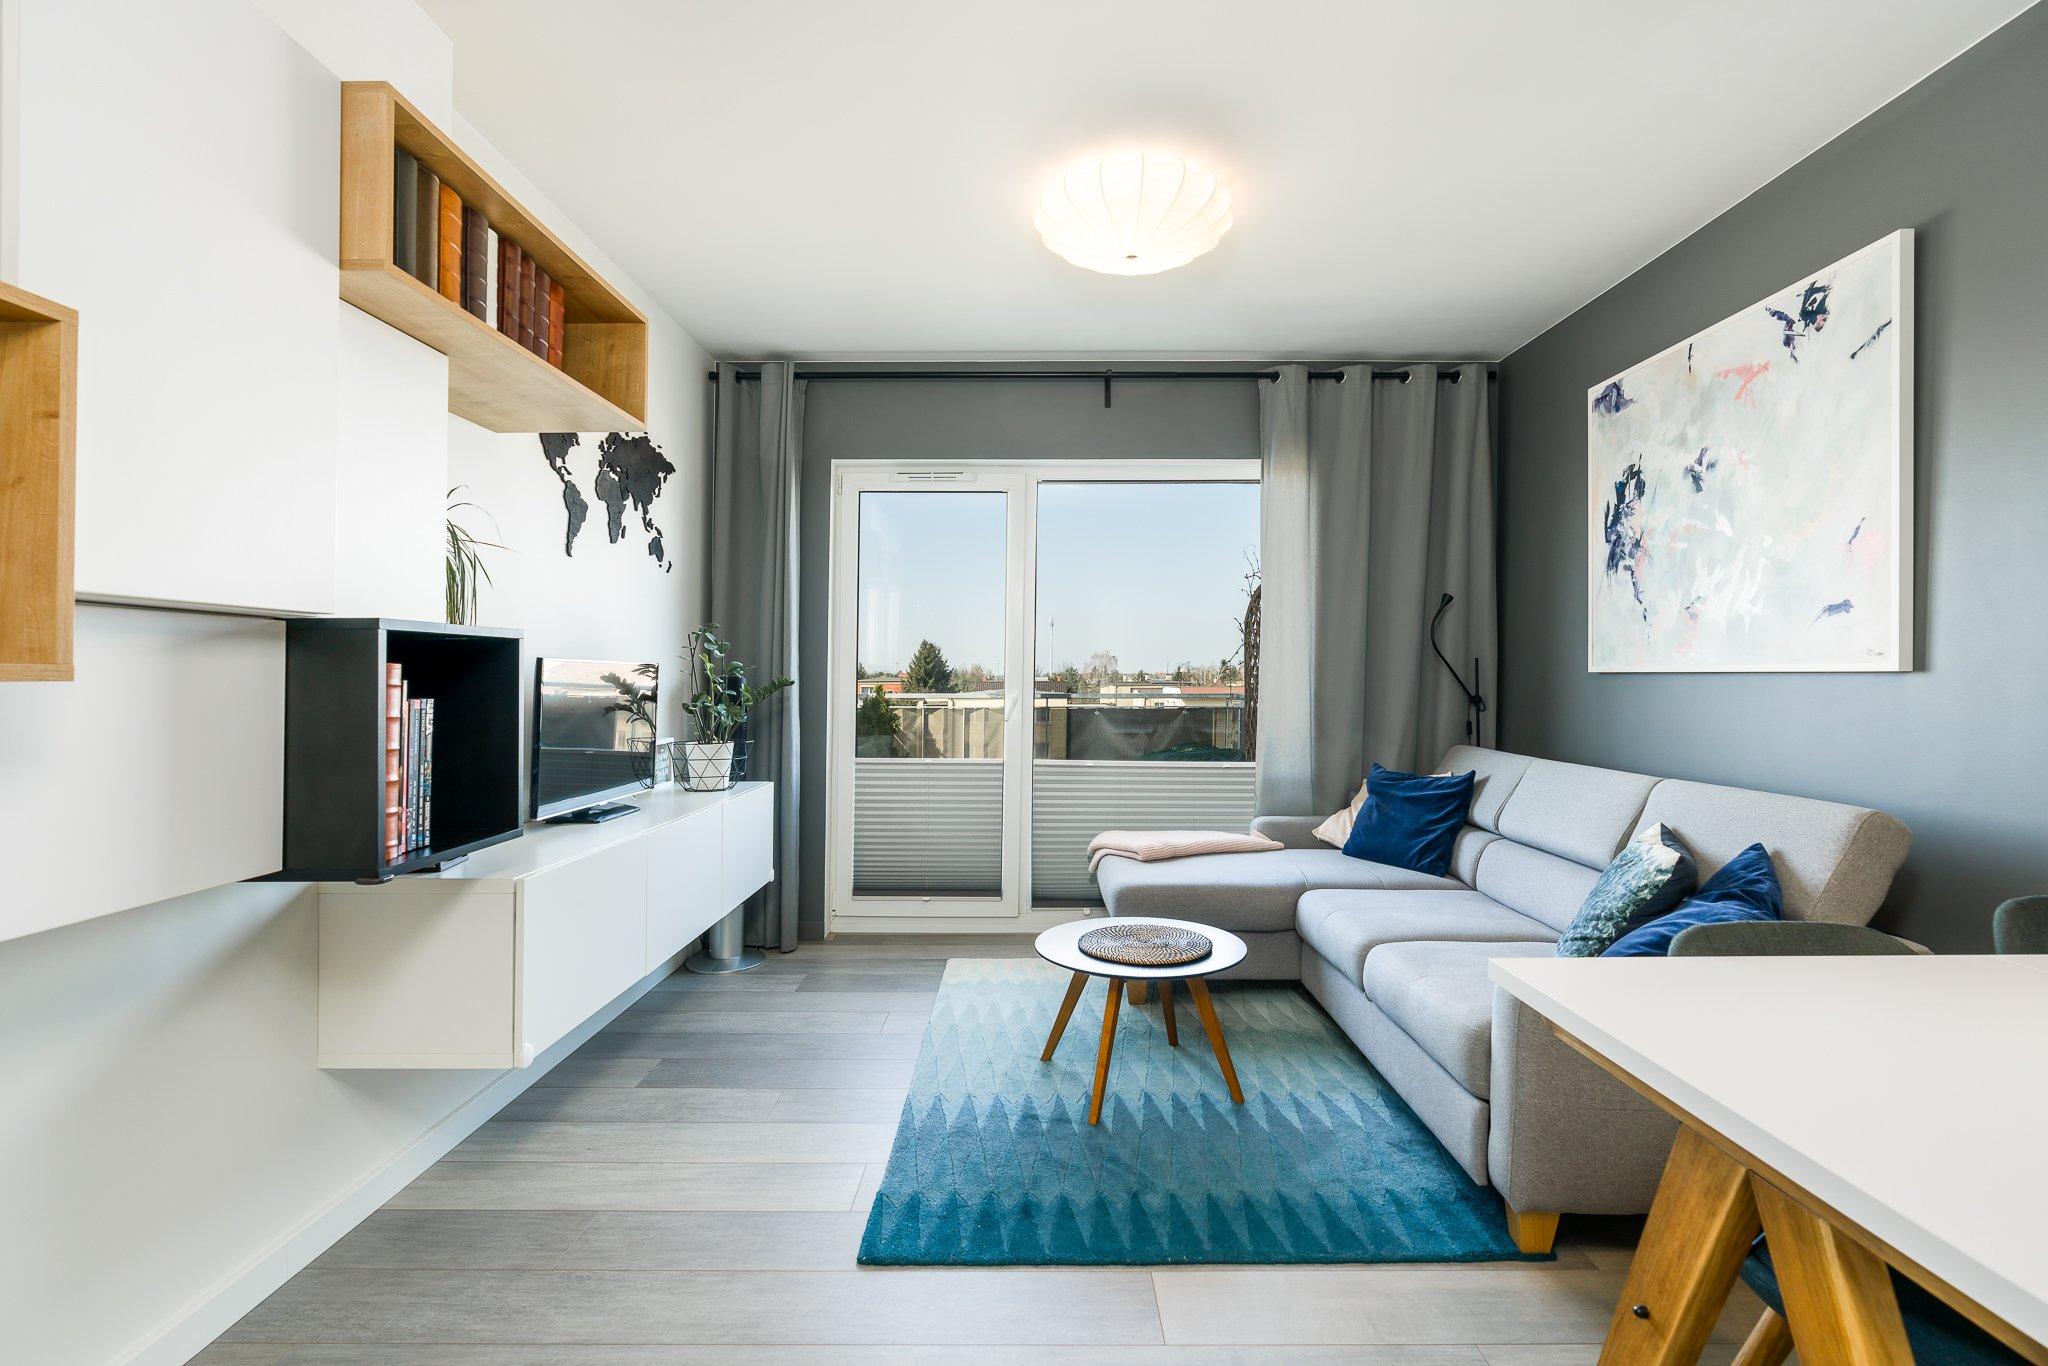 3-pokojowe mieszkanie na sprzedaż, 67 m2, Poznań, Plewiska